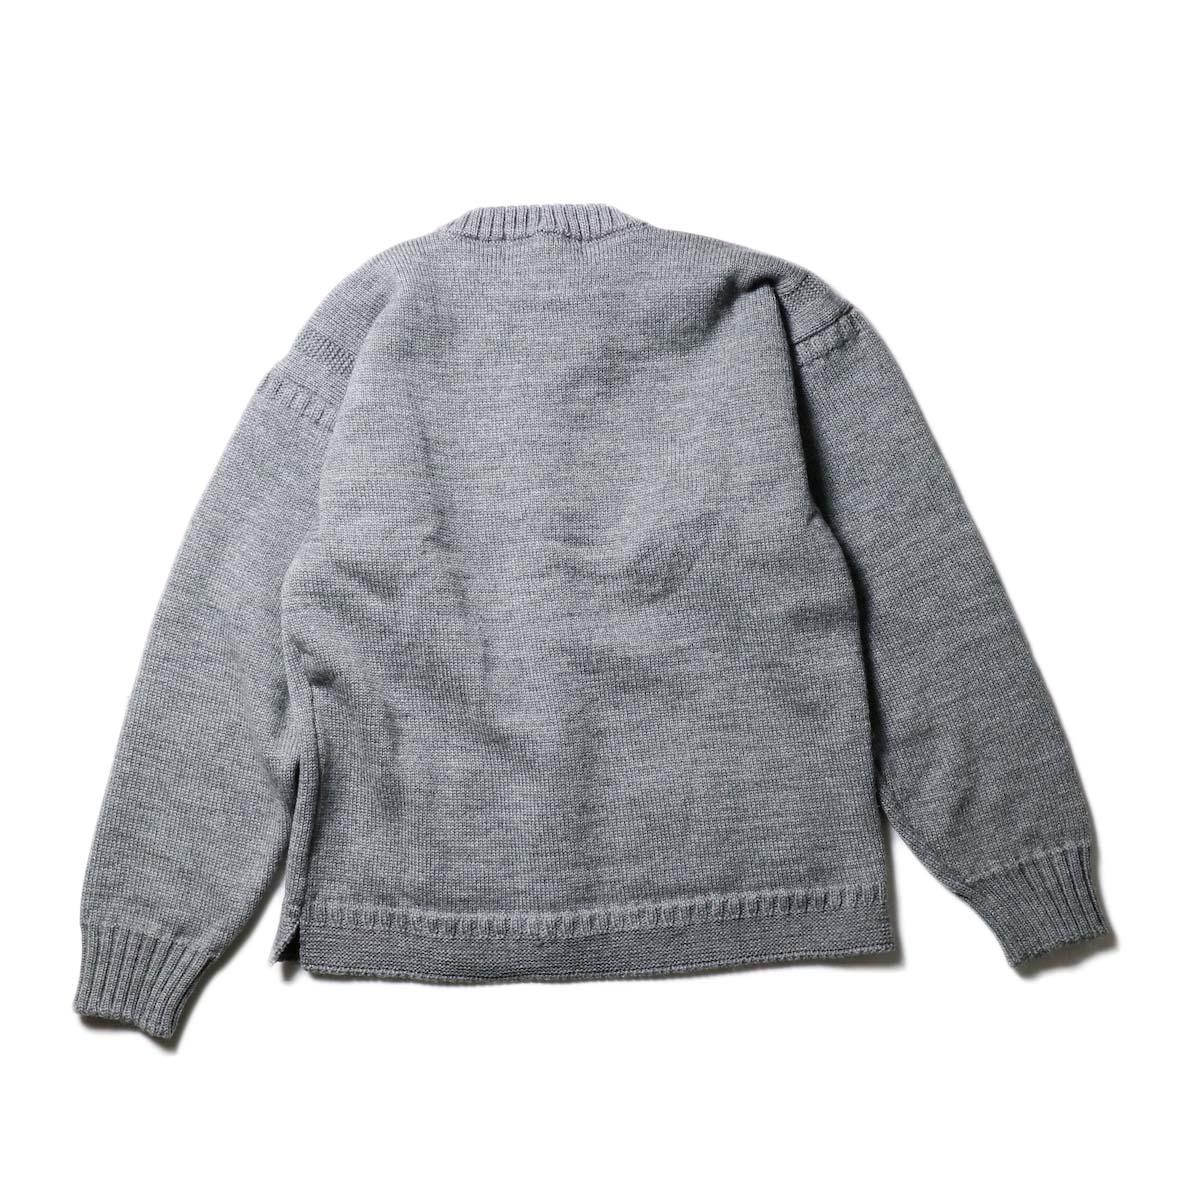 Guernsey Woollens / Bouet (Md Grey)背面